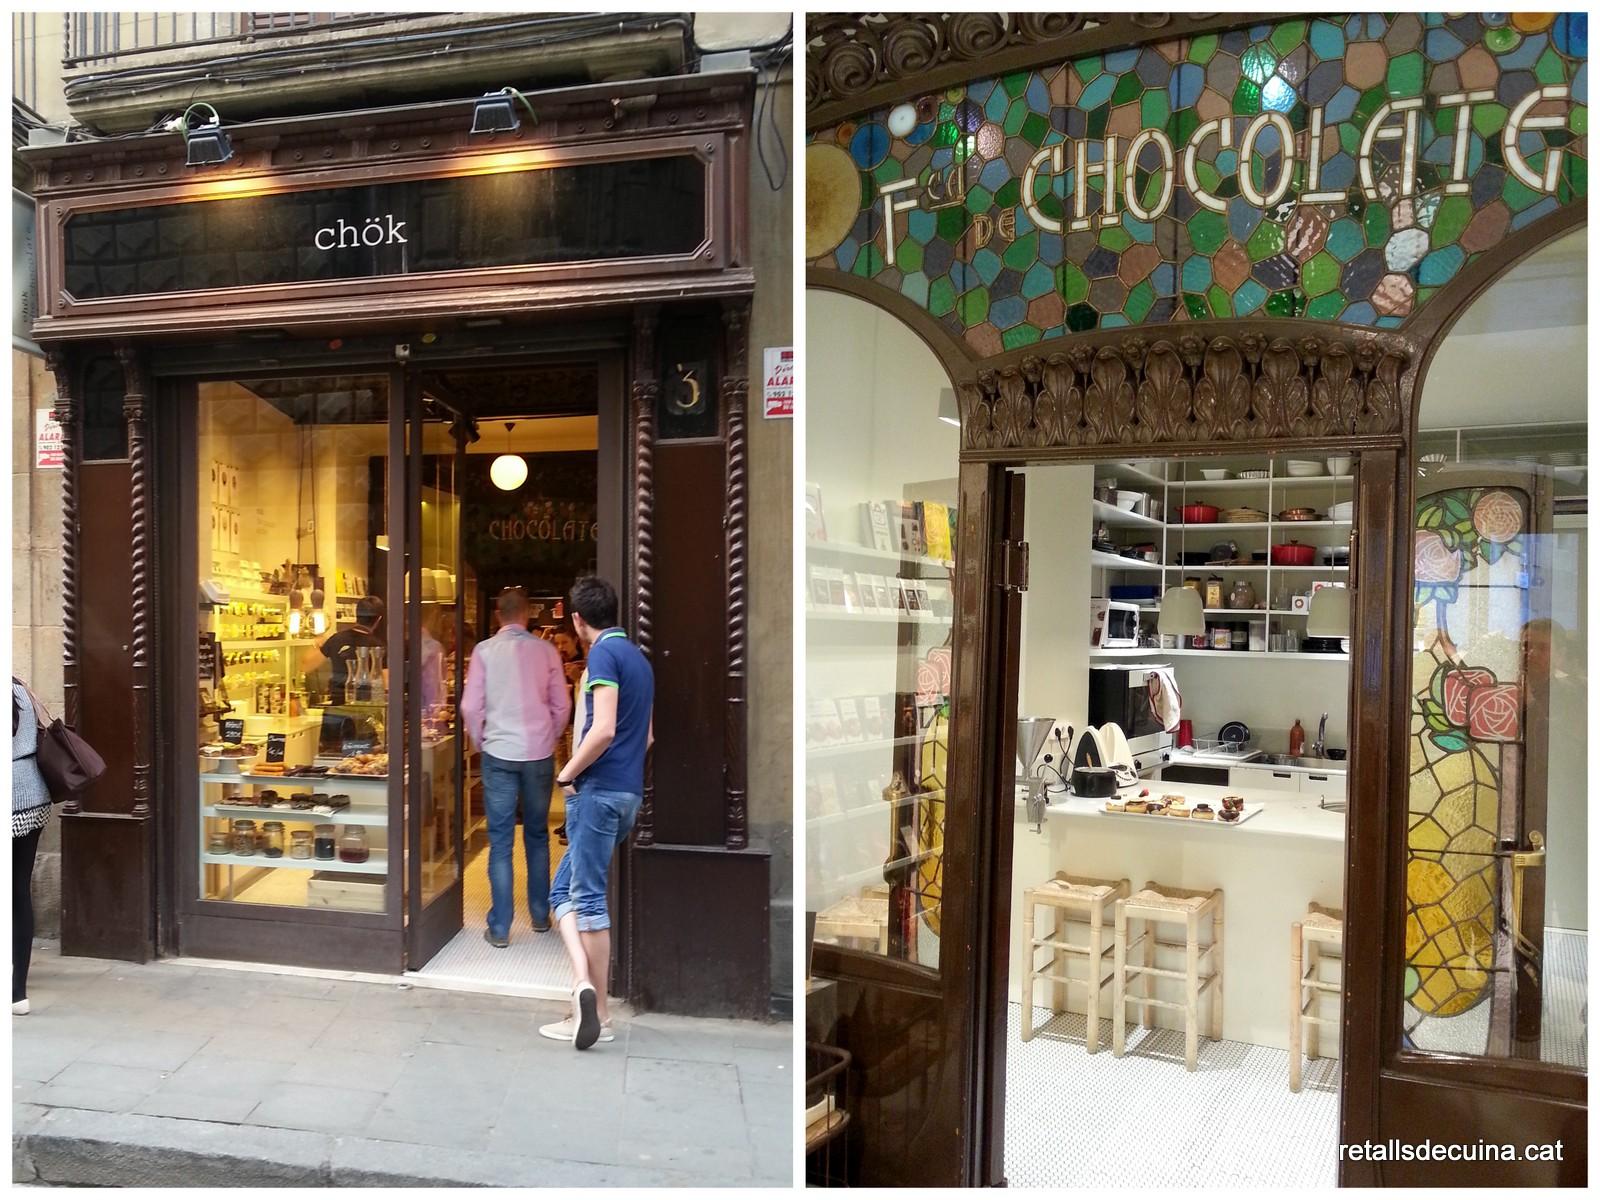 Teràpia de Chök, The Chocolate Kitchen